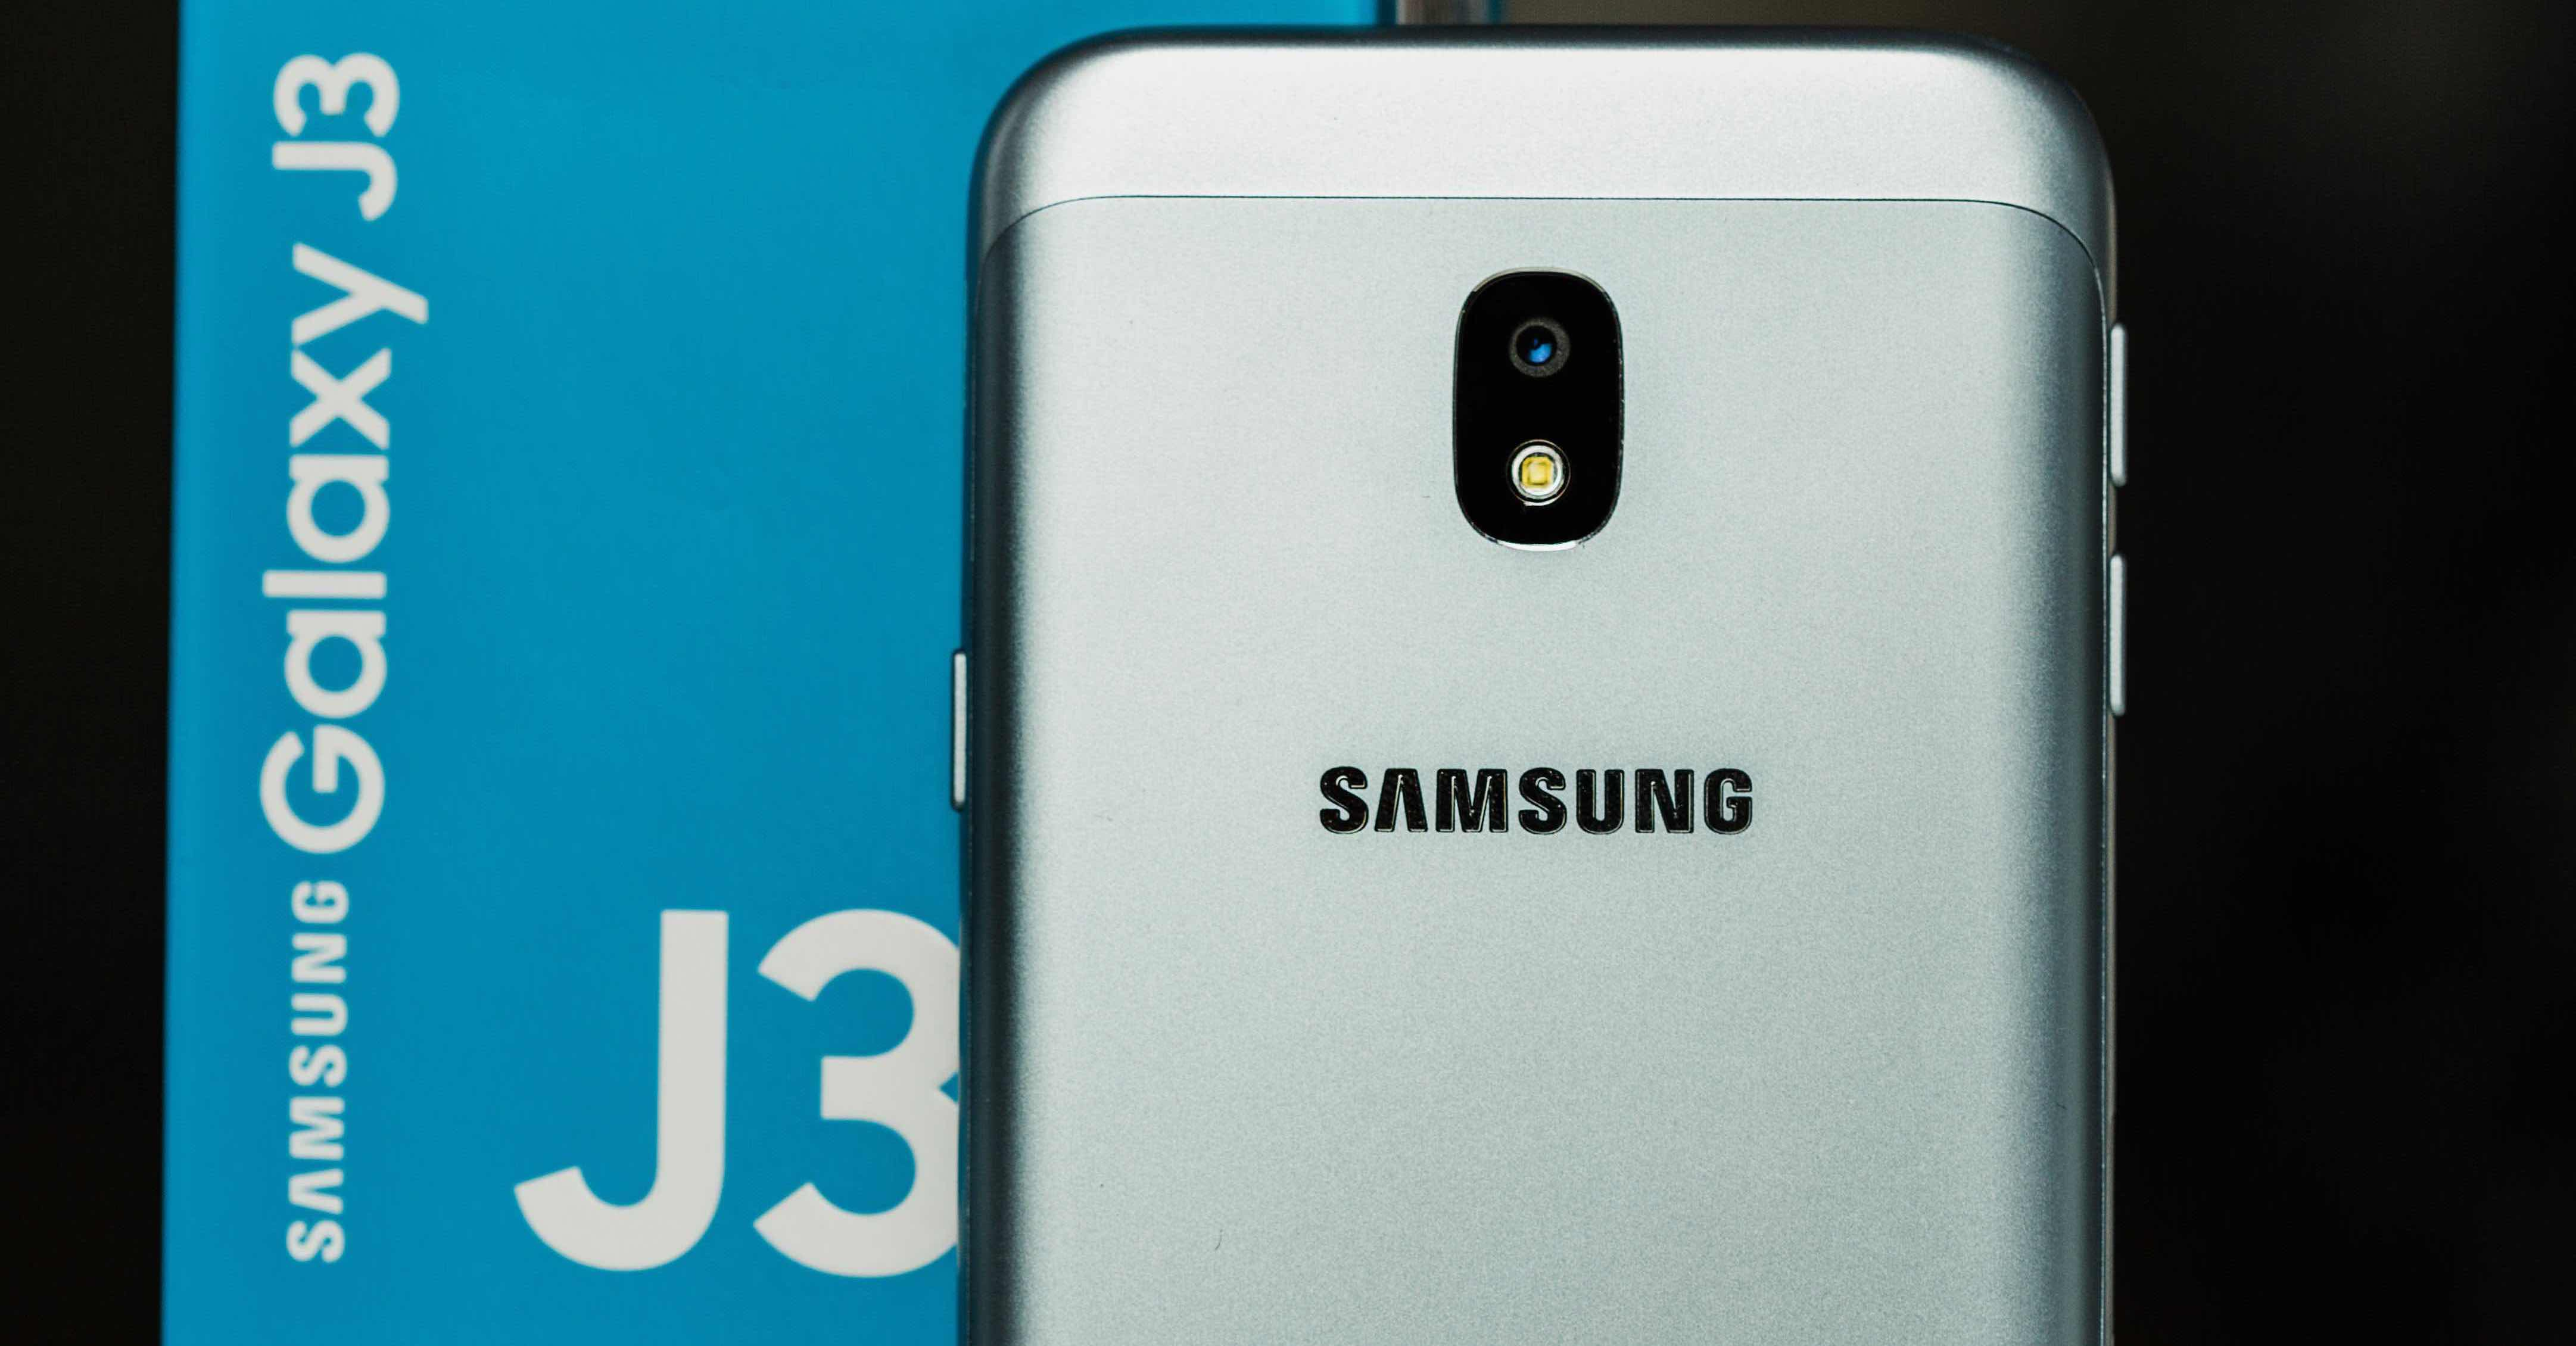 Samsung Galaxy J3 FB